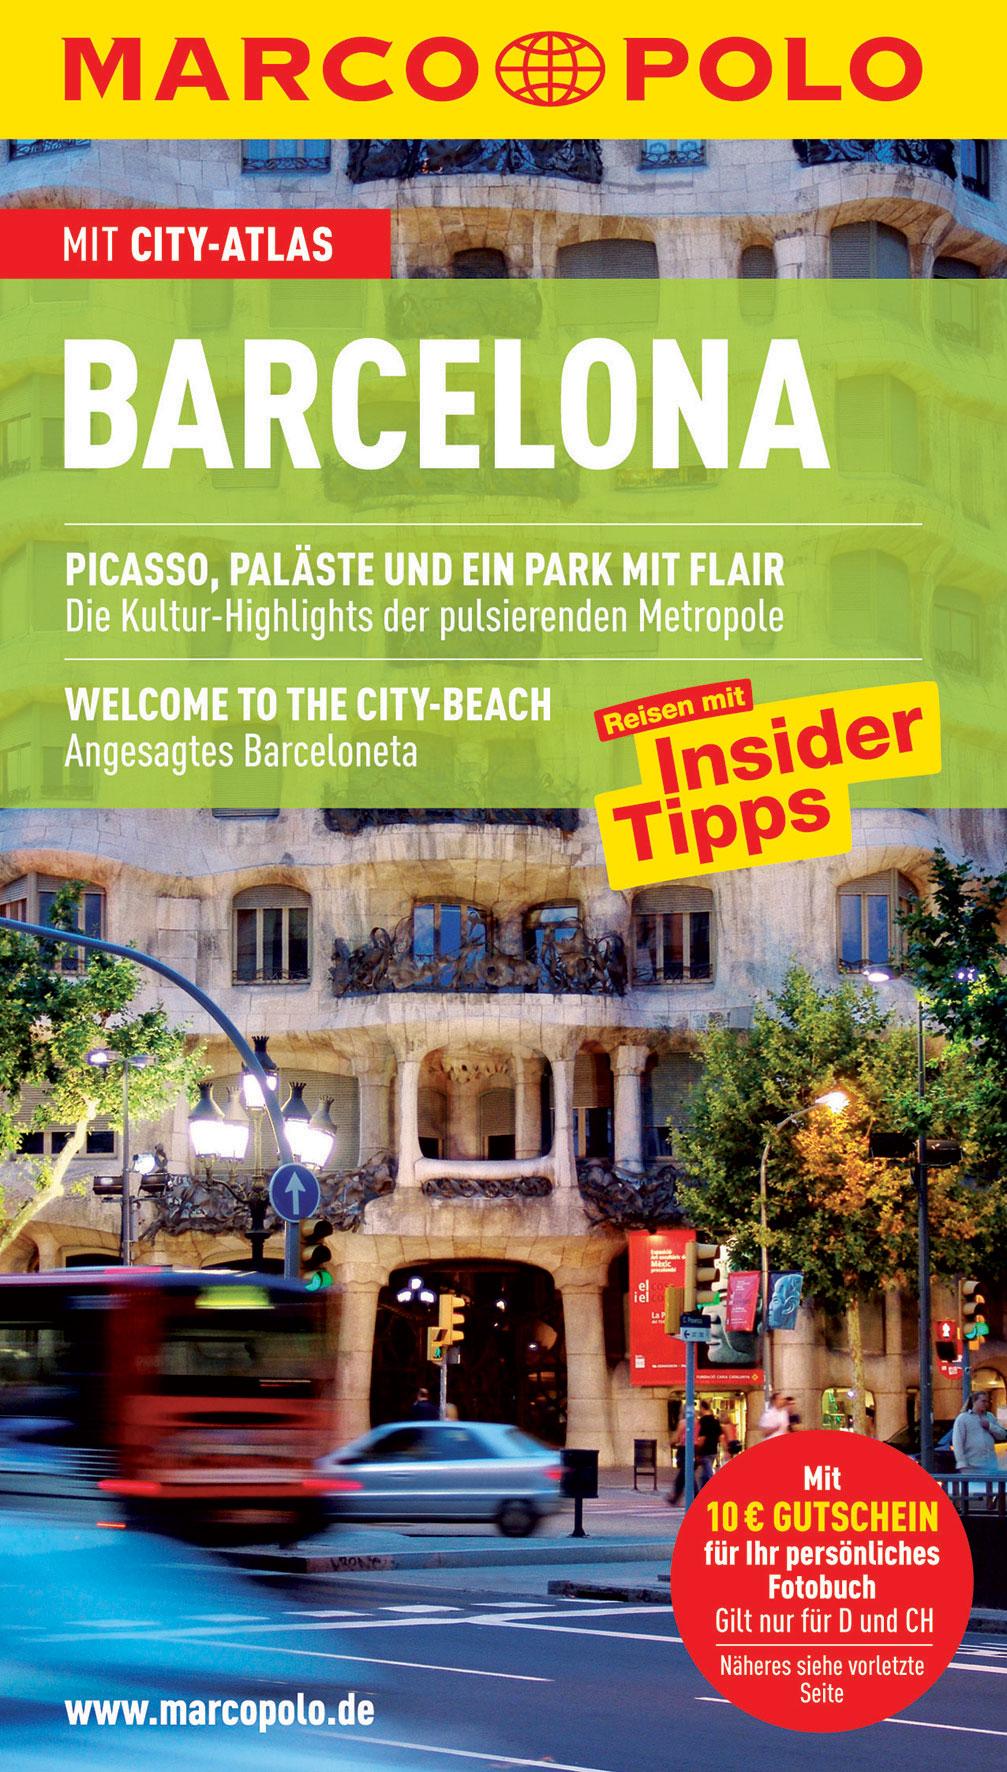 barcelona 24 stunden in der stadt reise stuttgarter nachrichten. Black Bedroom Furniture Sets. Home Design Ideas